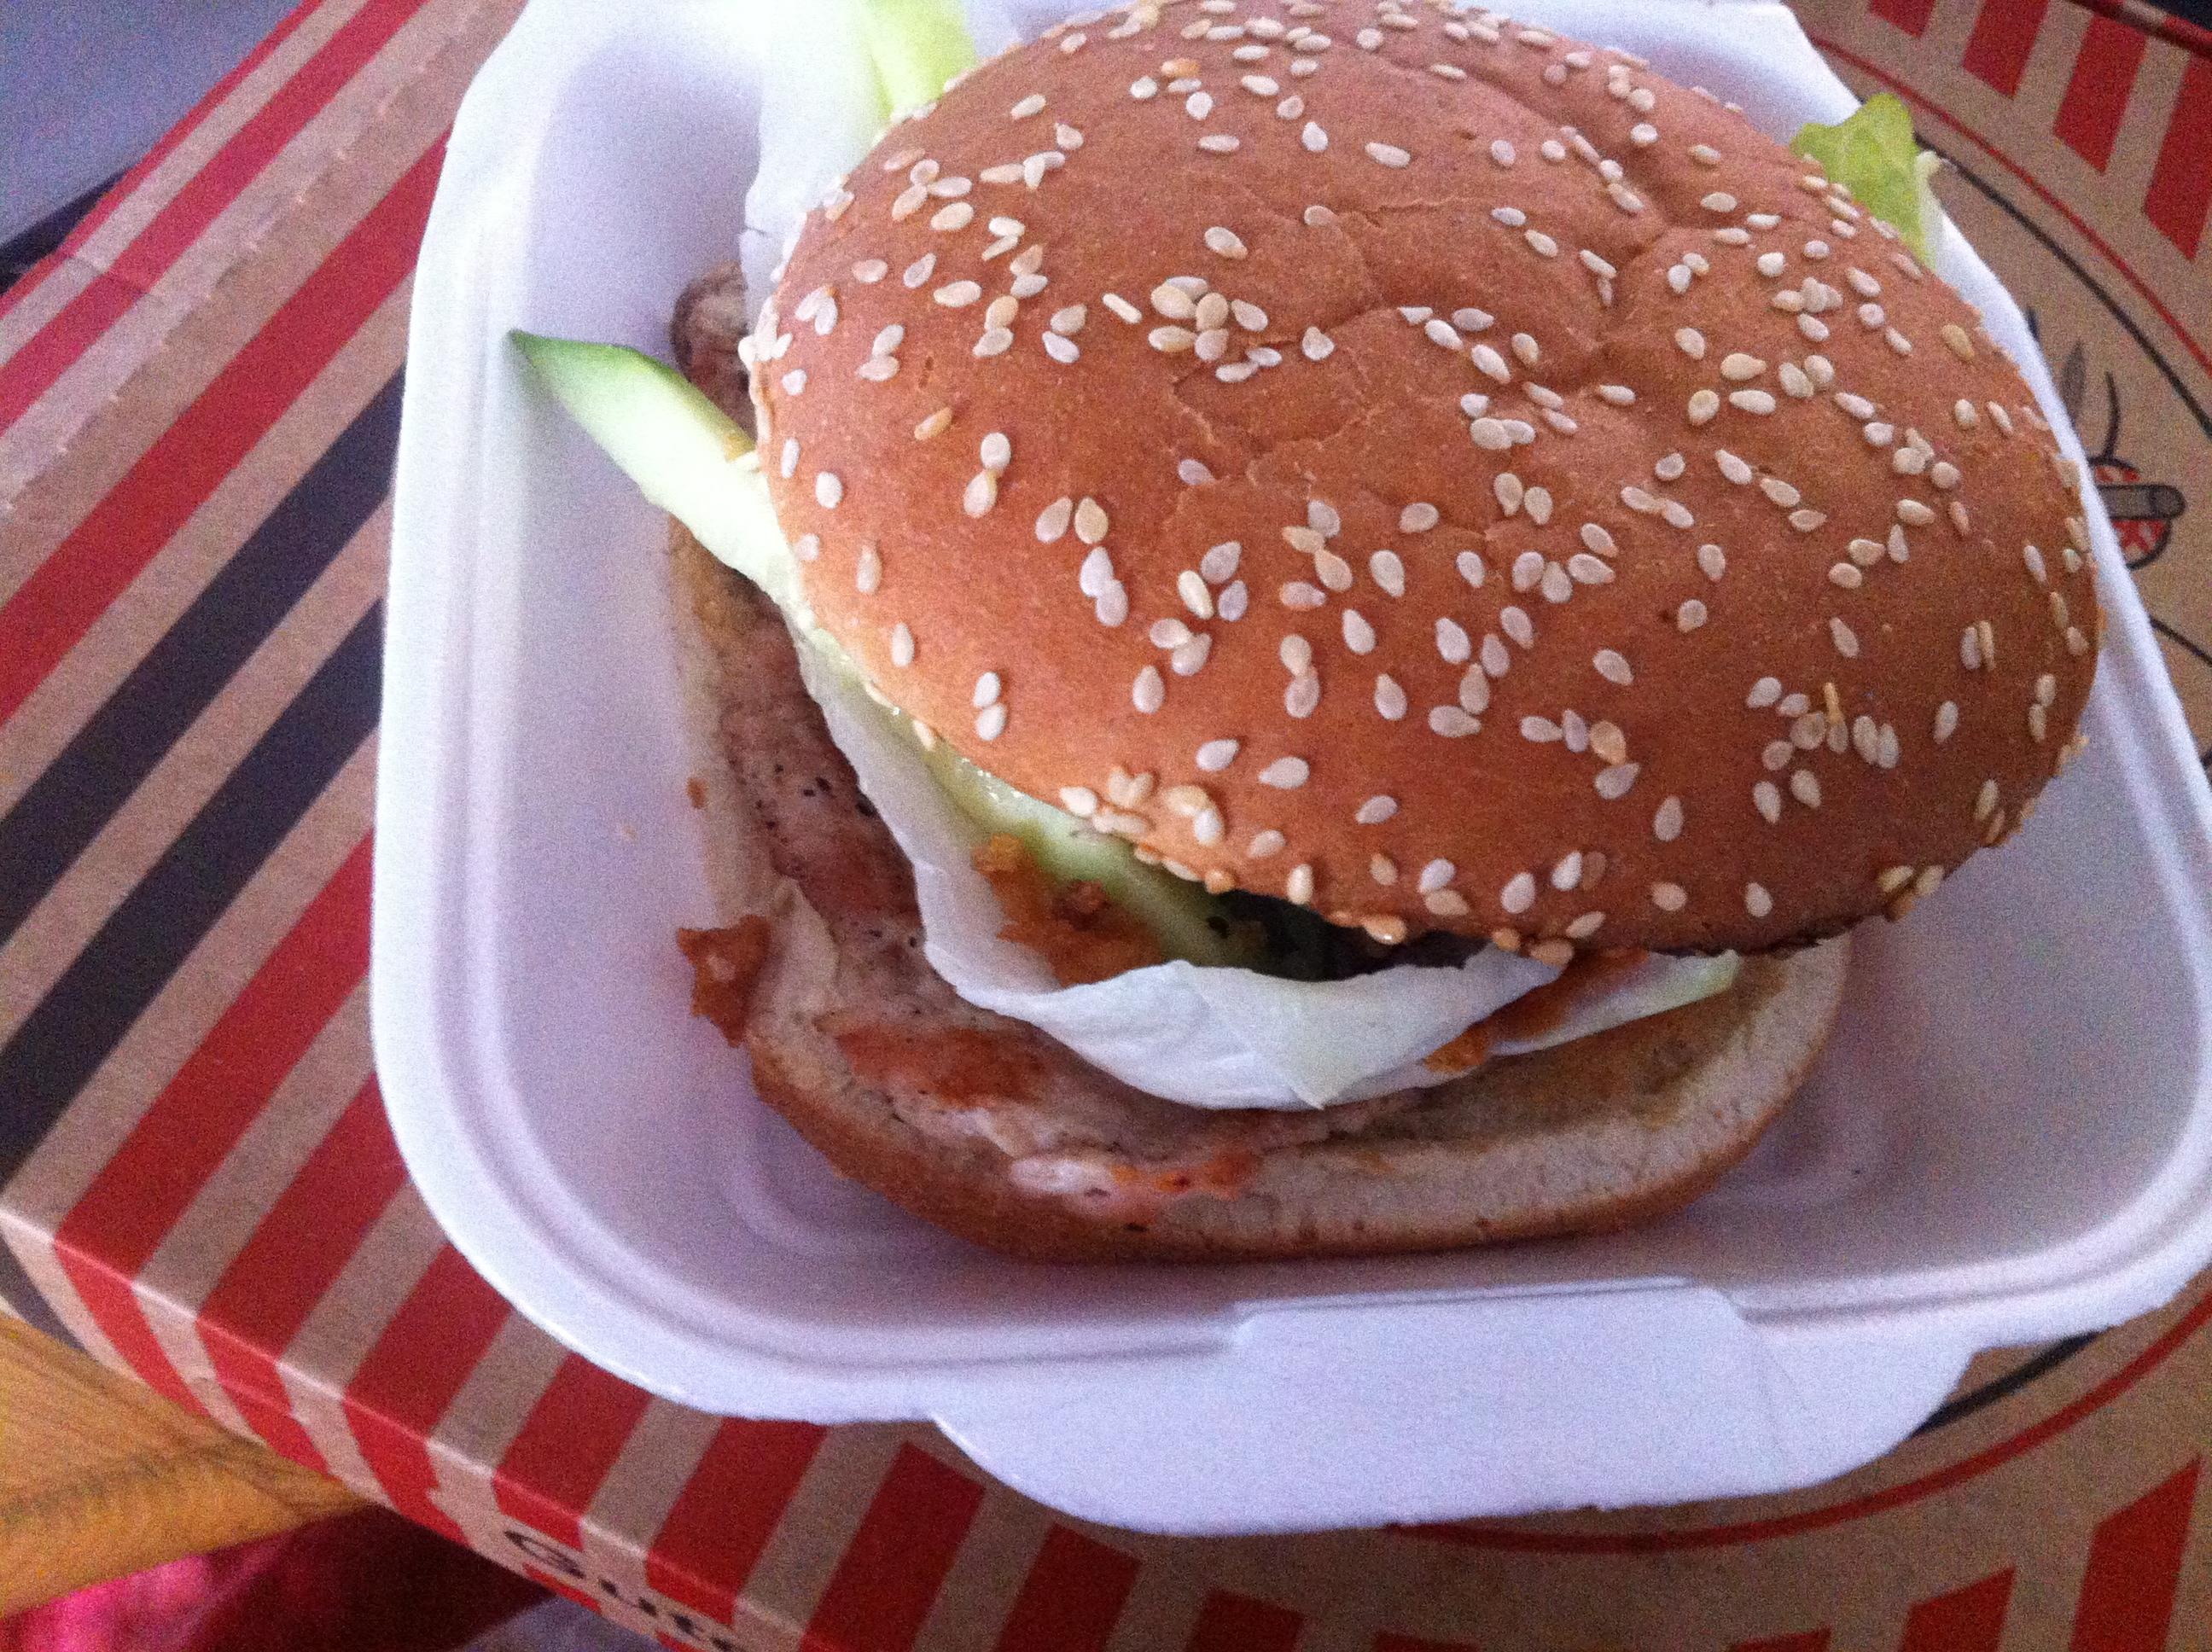 https://foodloader.net/toniy0_2013-03-03_Burger.jpg